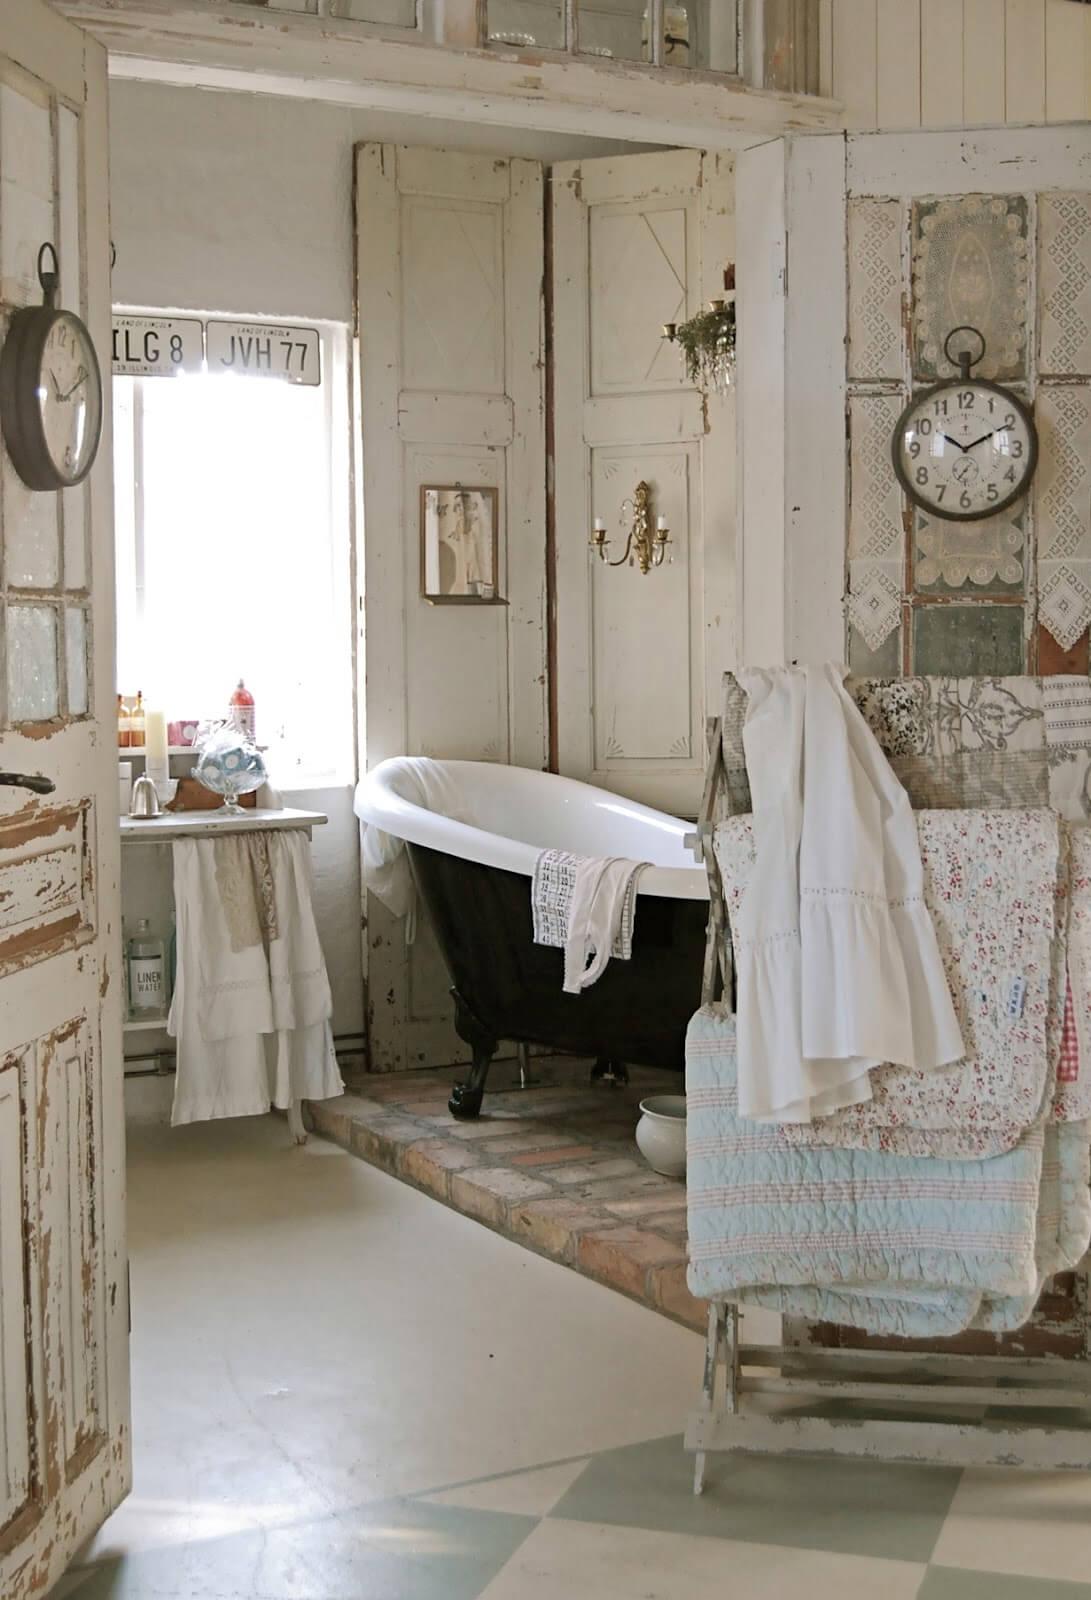 Salle de bain vintage avec support de couette